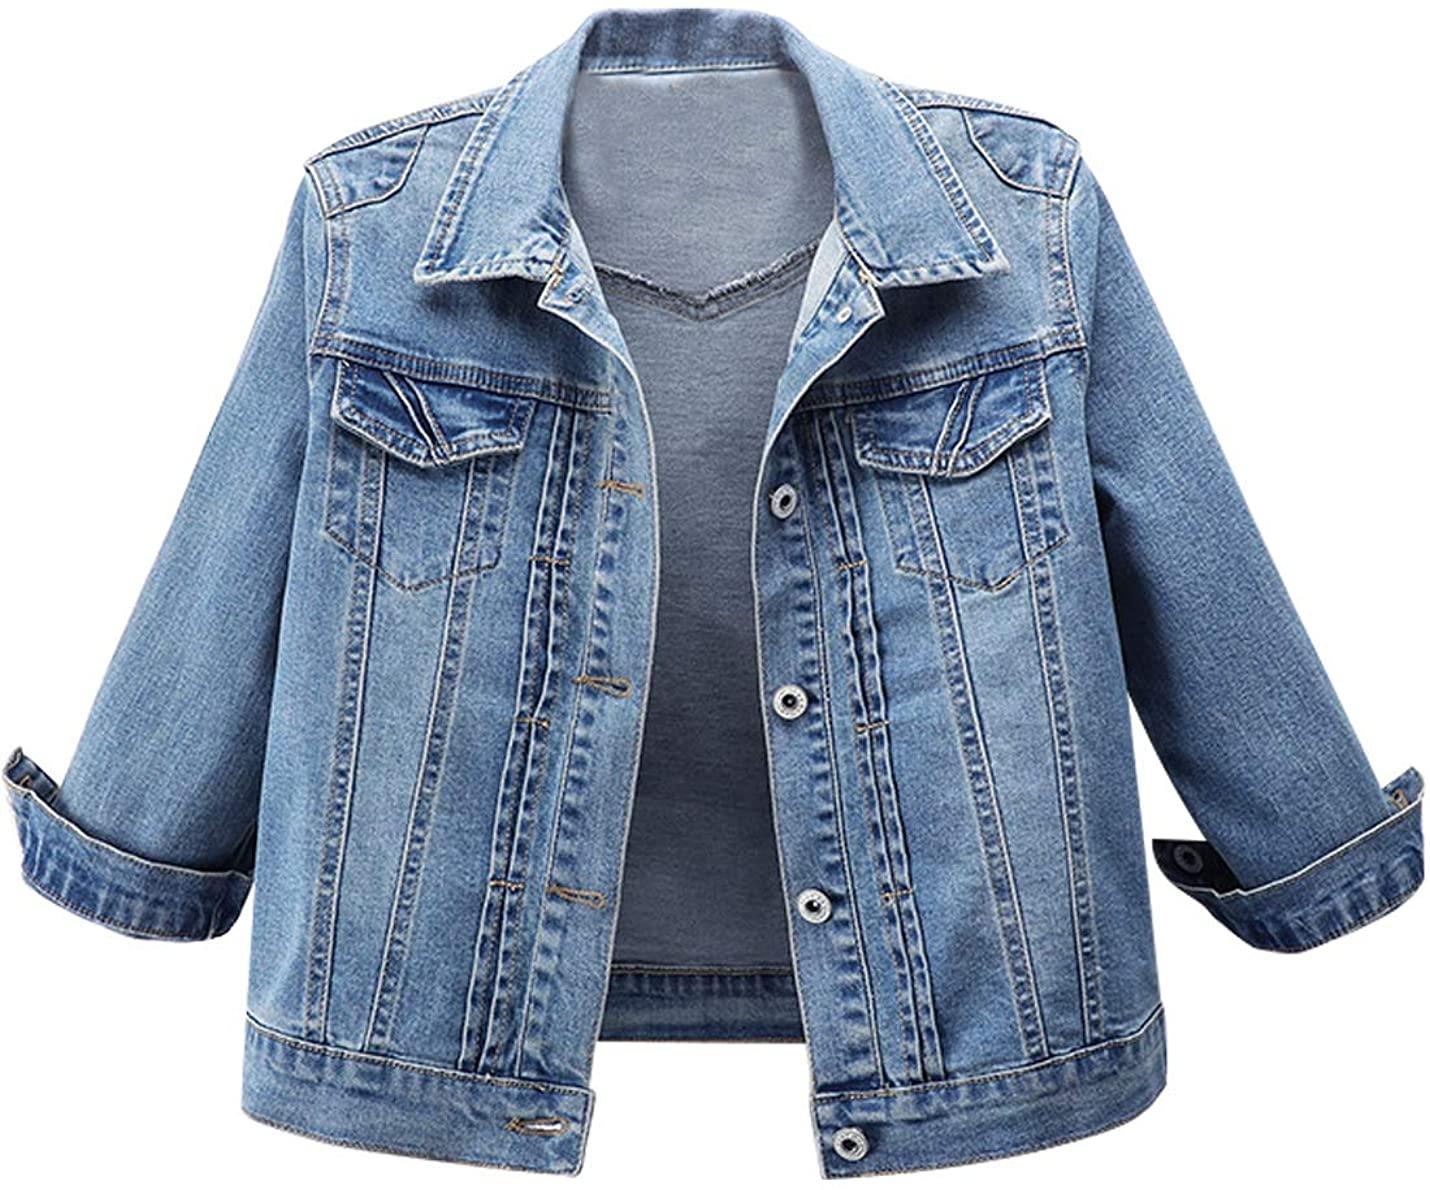 Omoone Women's 3/4 Sleeve Cropped Slim Distressed Denim Trucker Jacket Shrug Top